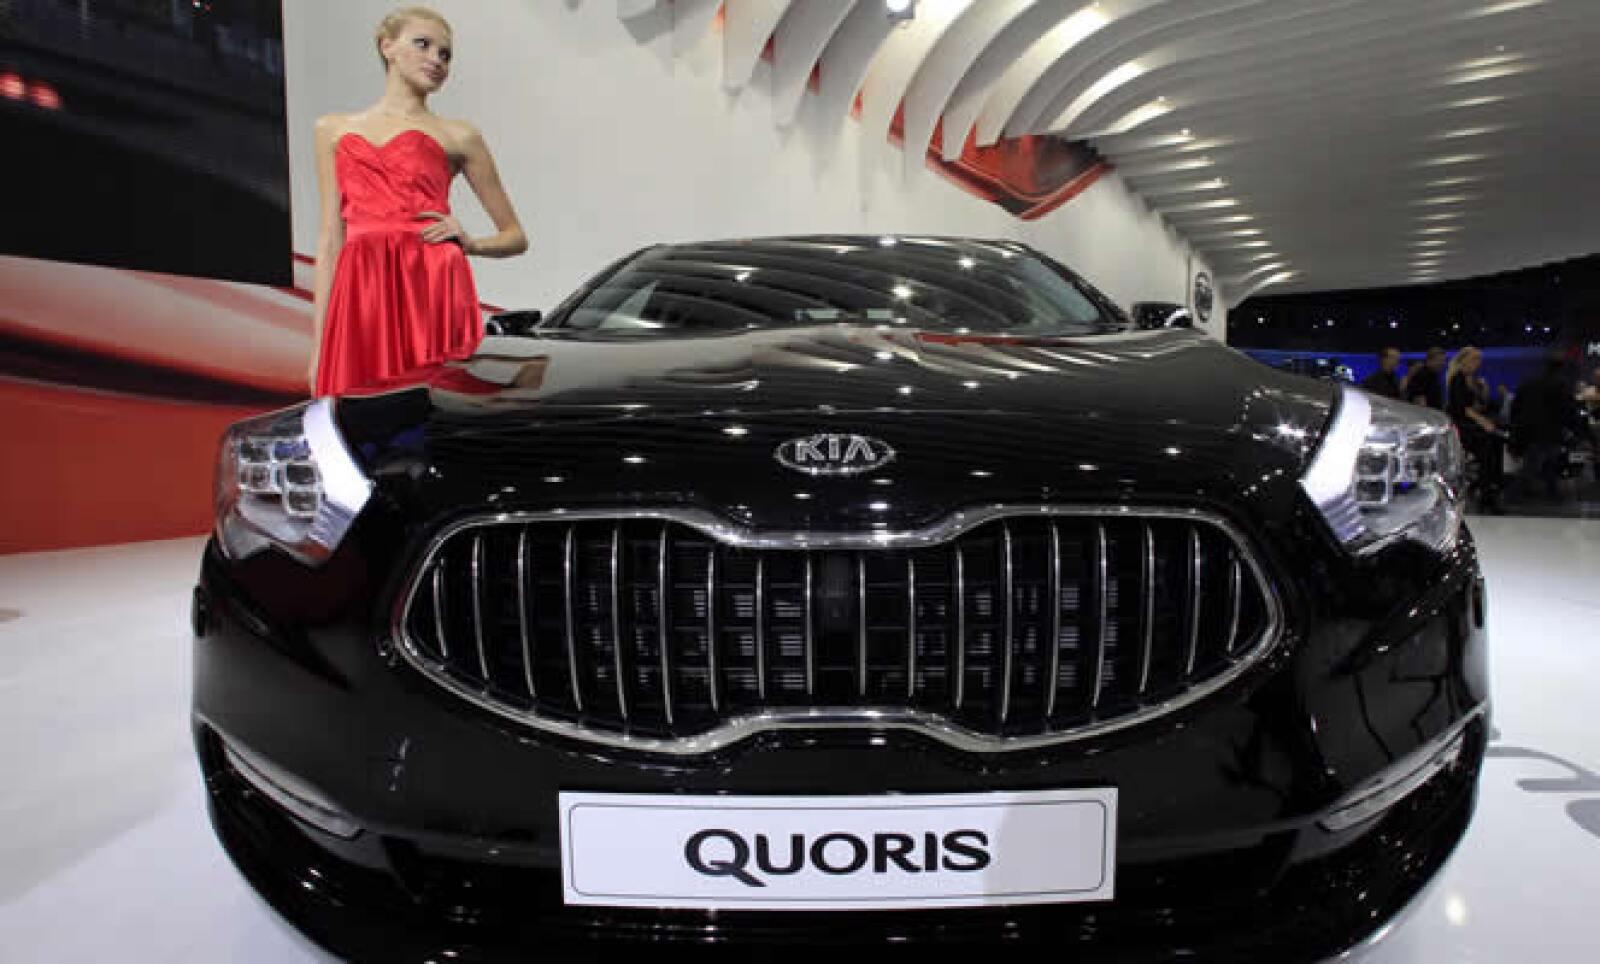 Las ventas de autos en el país europeo crecieron 40% a 2.6 millones de vehículos en 2011 en términos de volumen.